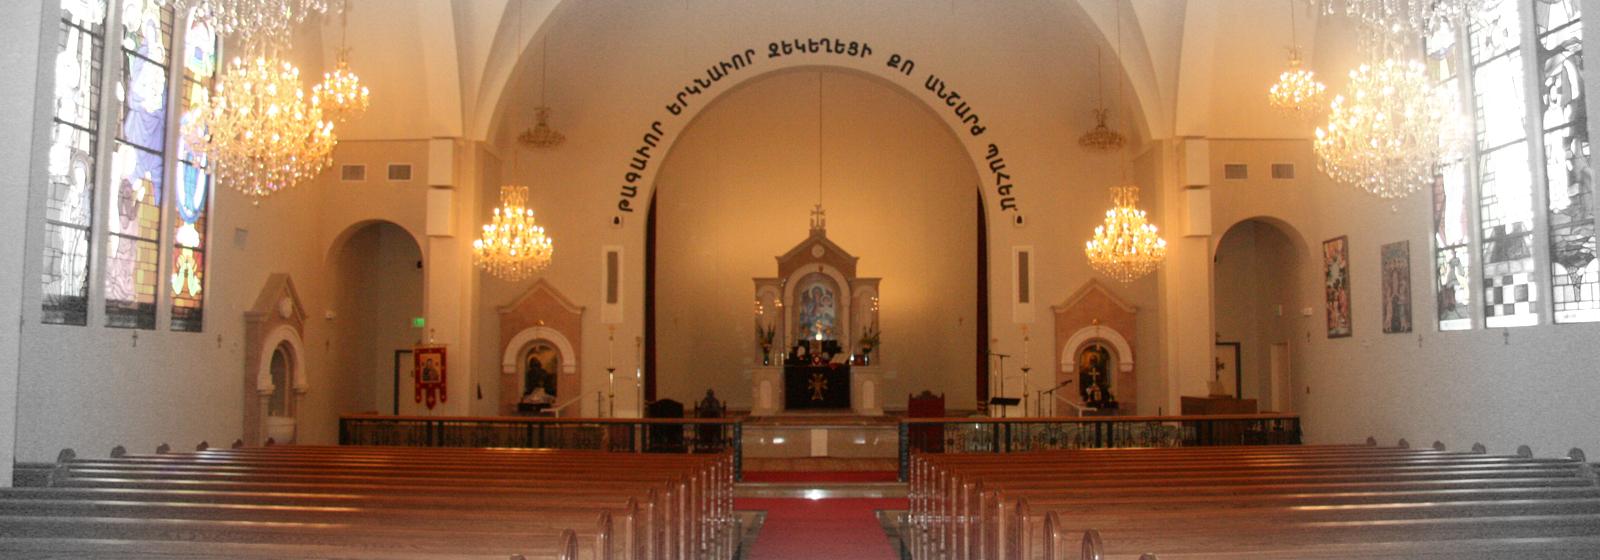 home_church